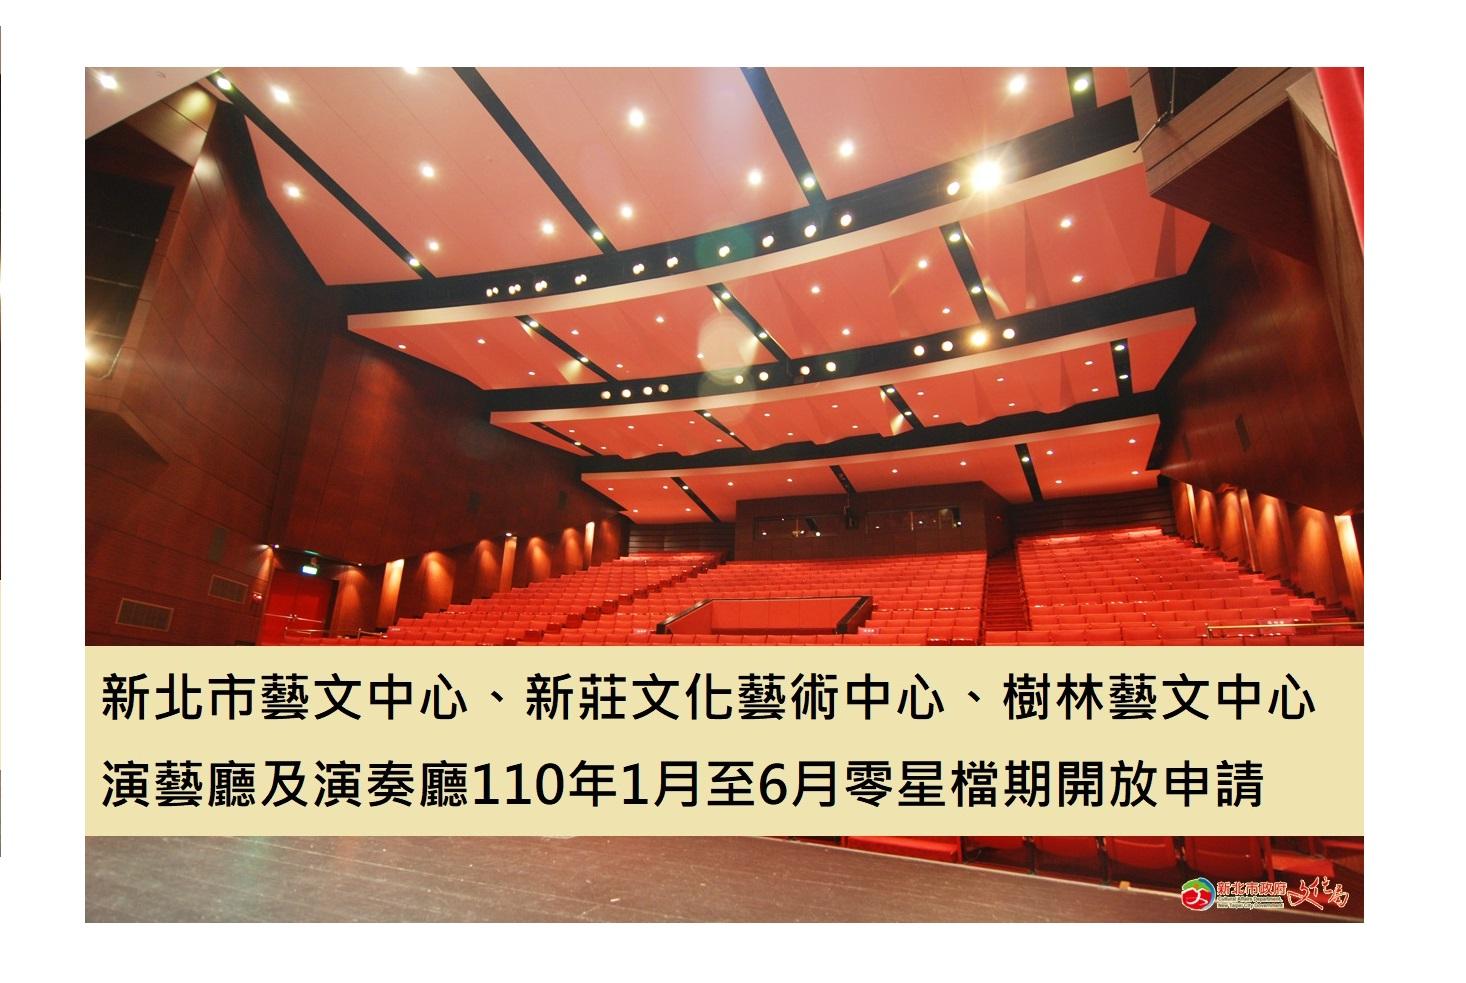 110年1月至6月零星檔期開放申請-新北市藝文中心、新莊文化藝術中心、樹林藝文中心演藝廳及演奏廳